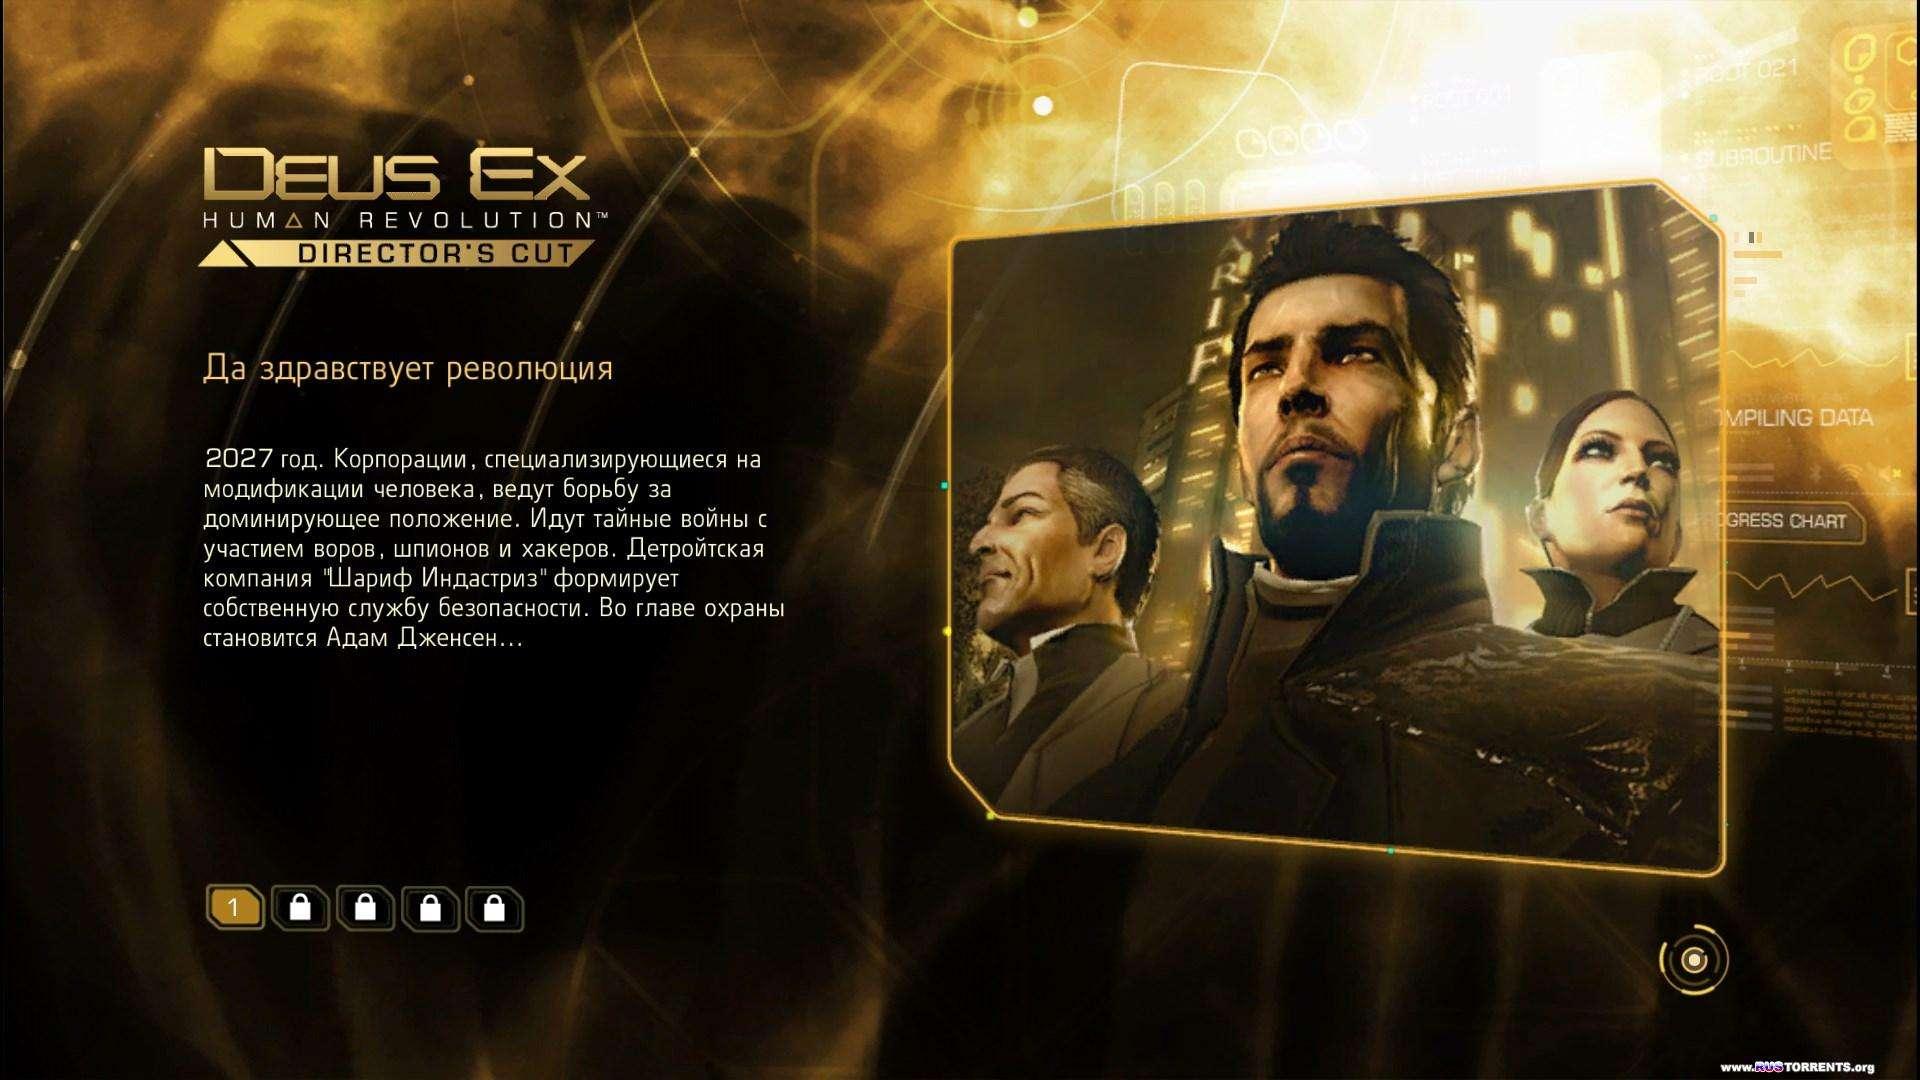 Deus Ex: Human Revolution - Director's Cut | RePack �� xatab